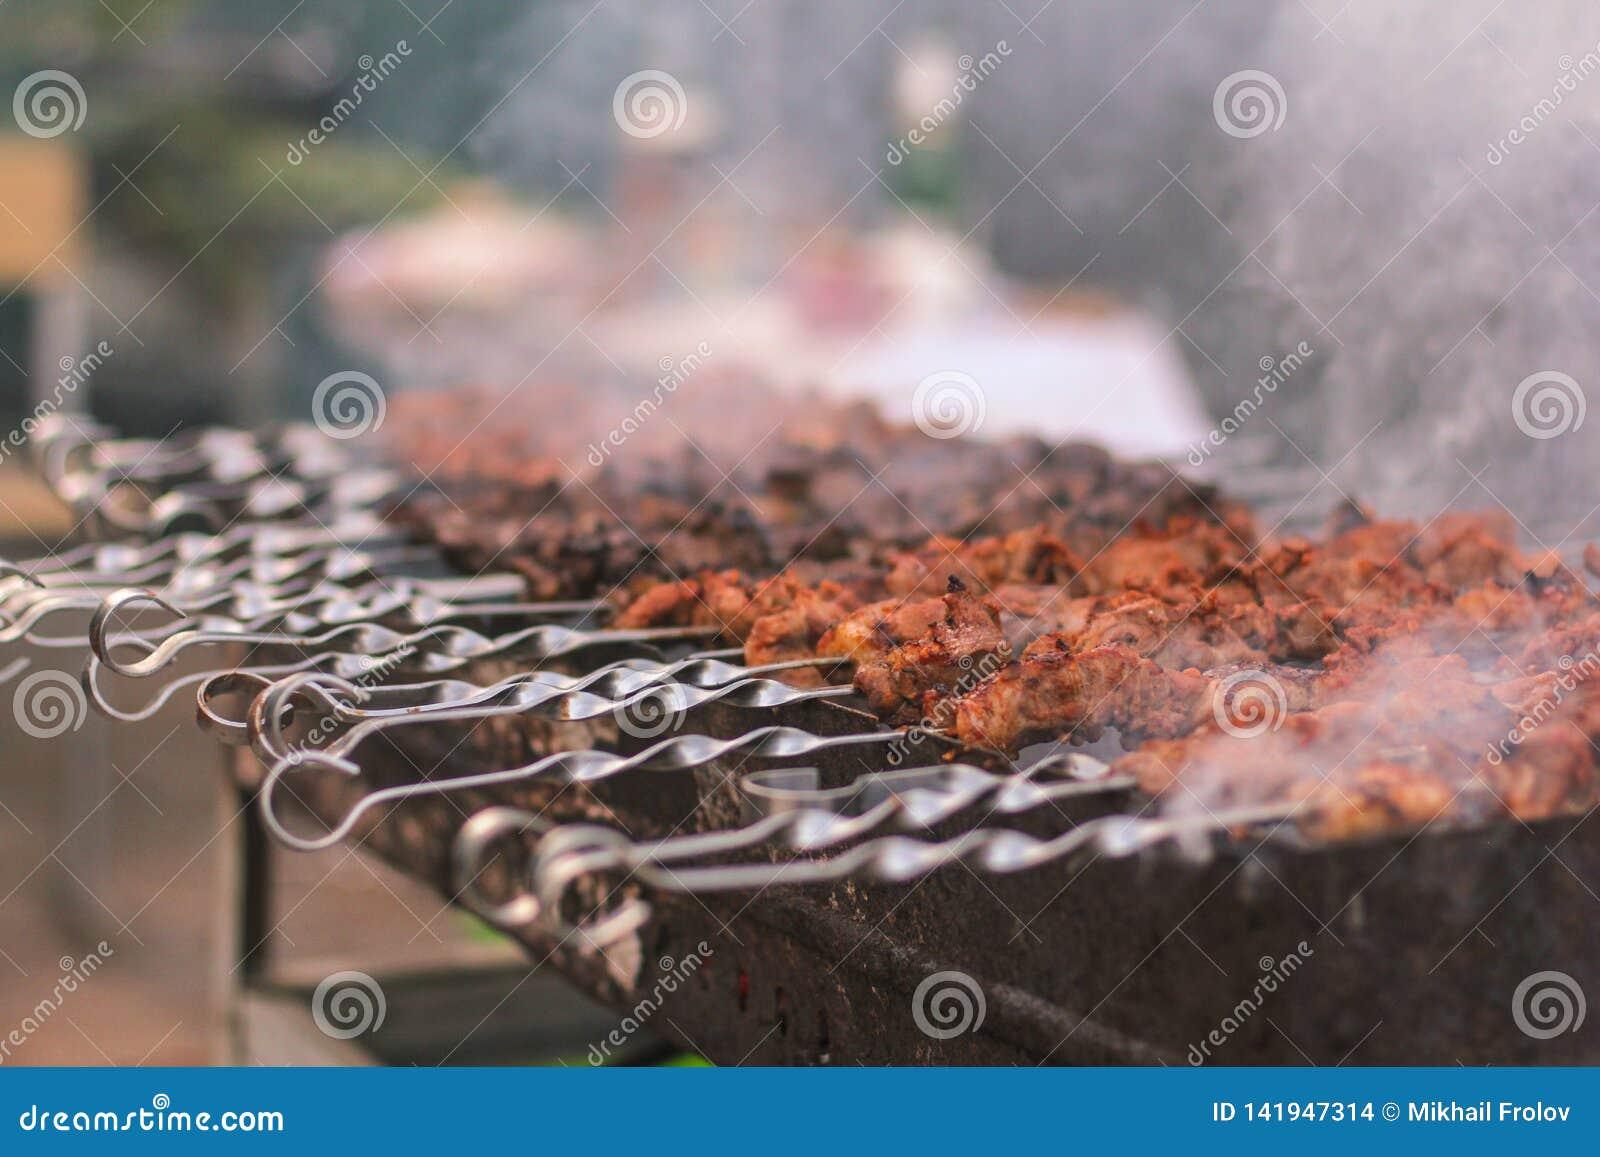 Shashlik oder shashlyk, die auf einen Grillgrill ?ber Holzkohle sich vorbereiten Gegrillte W?rfel des Schweinefleischs auf Metall